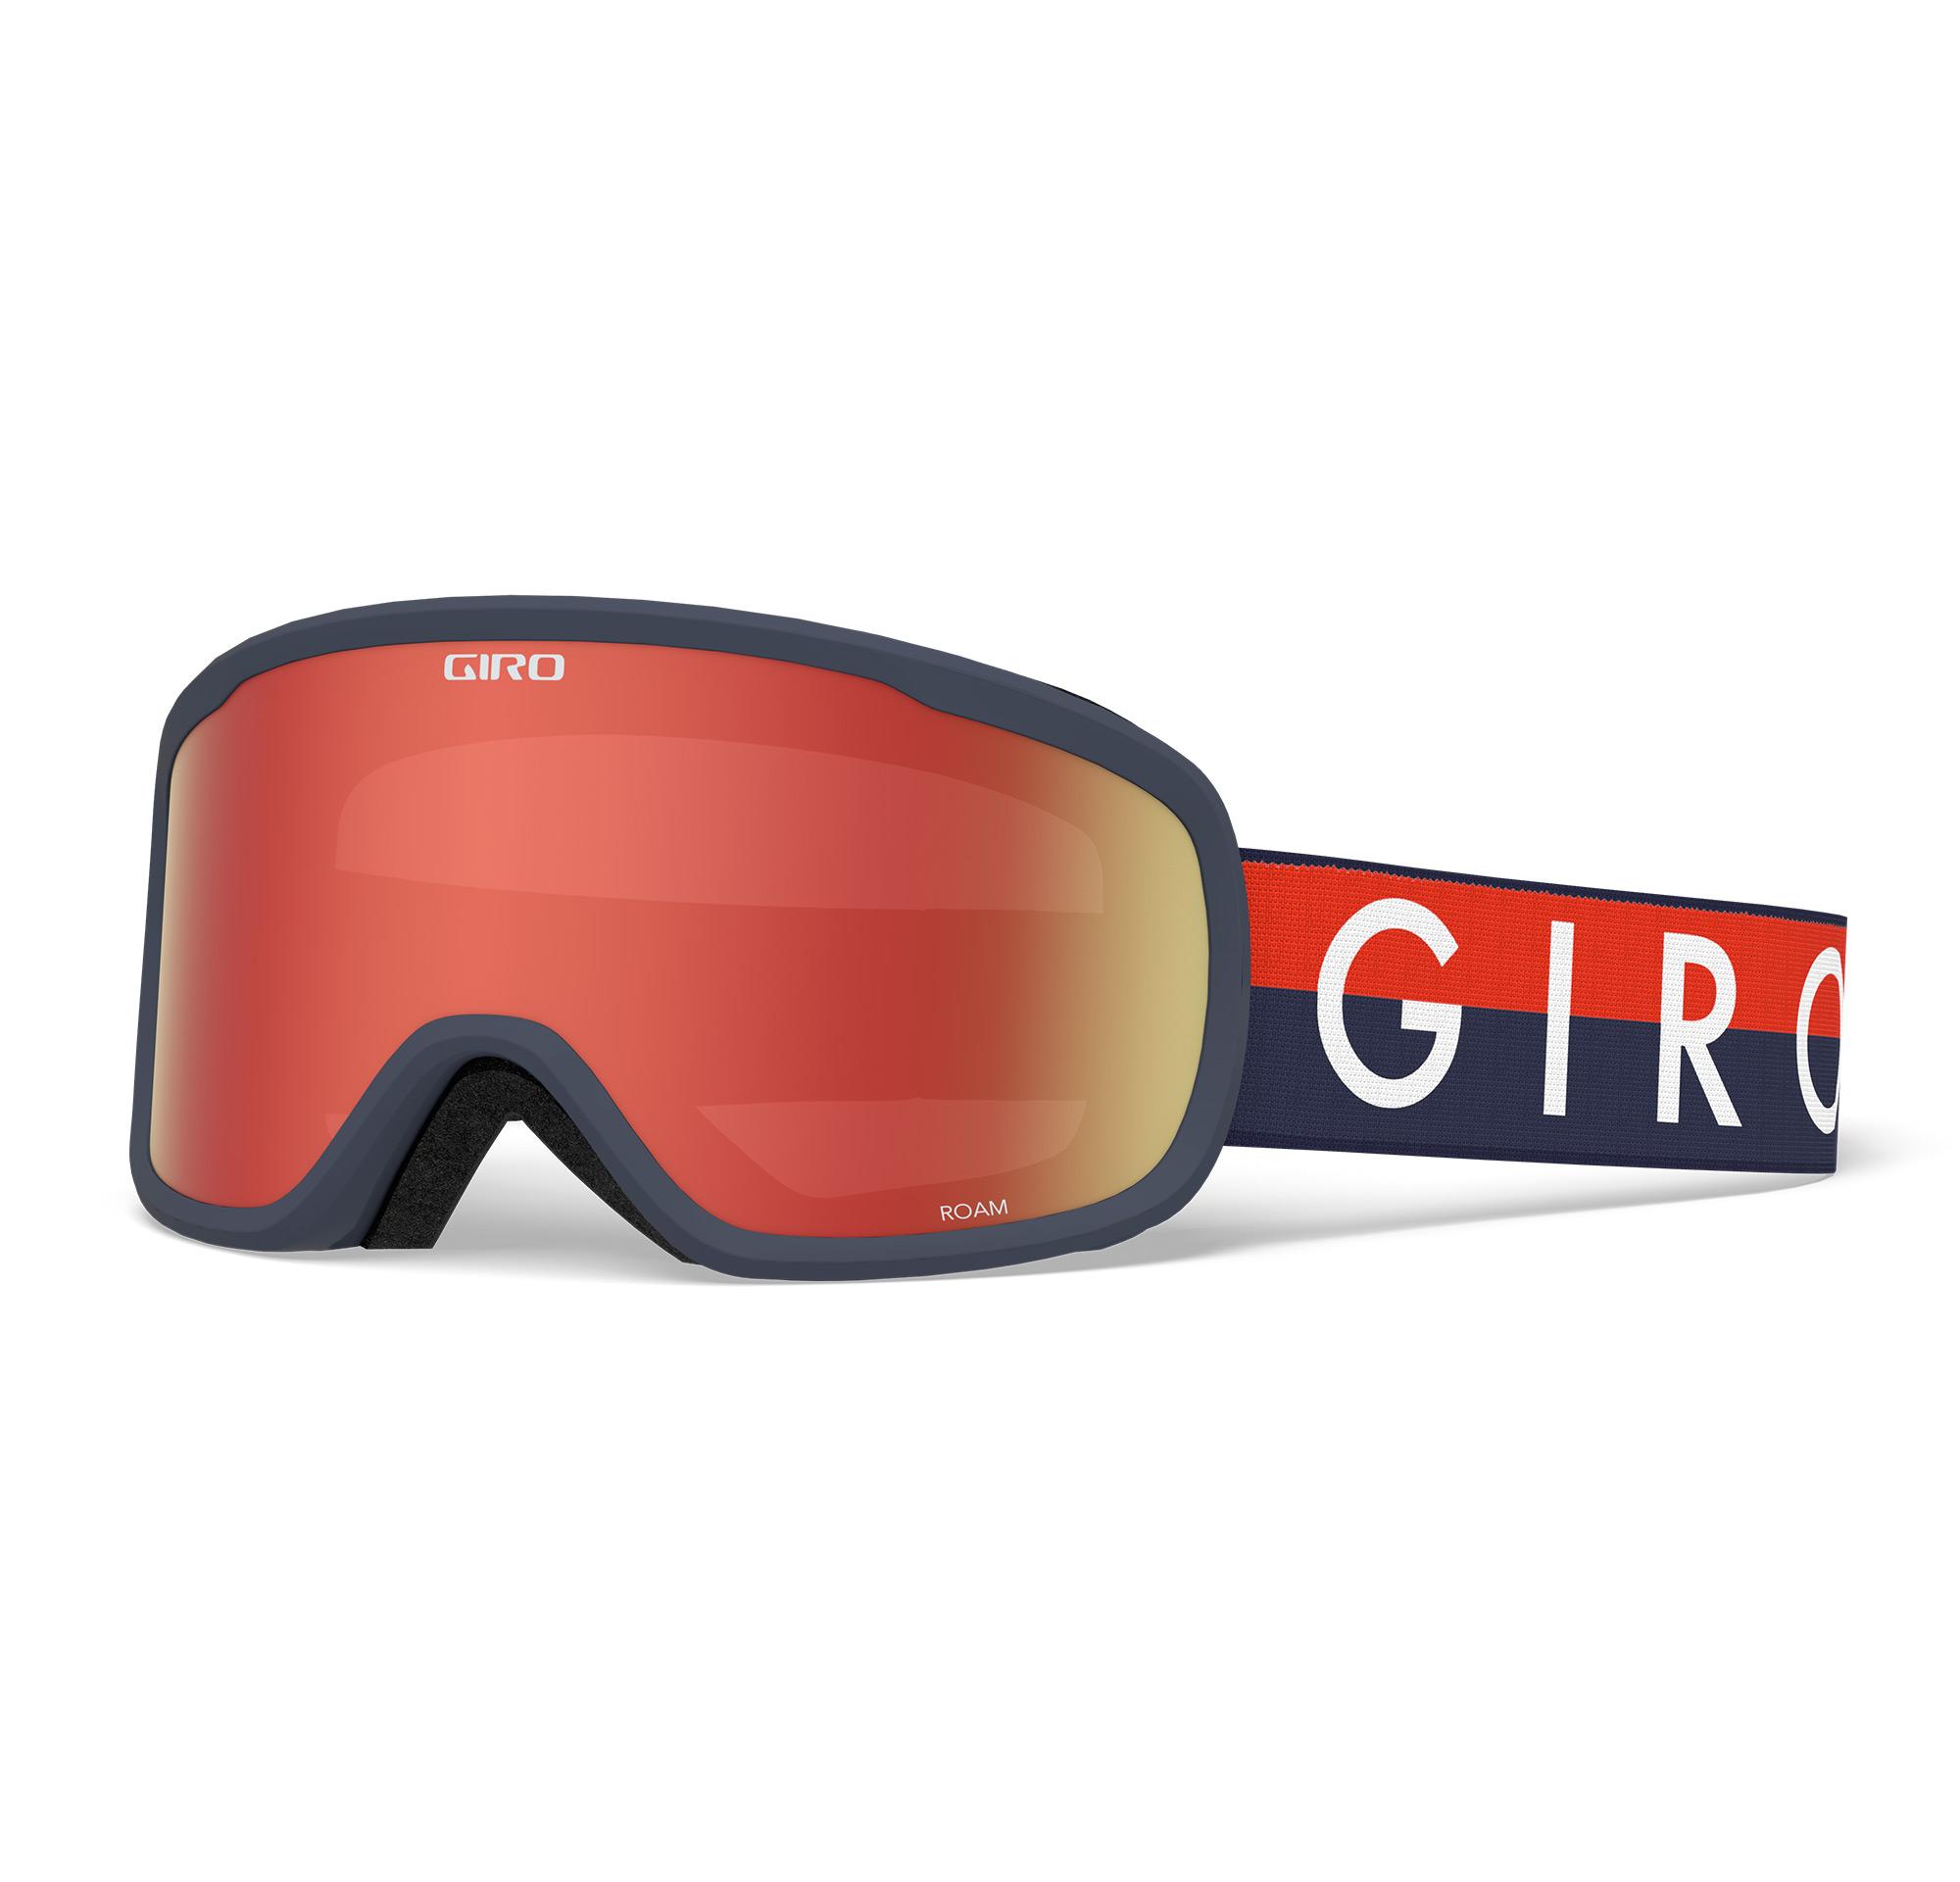 Giro Roam